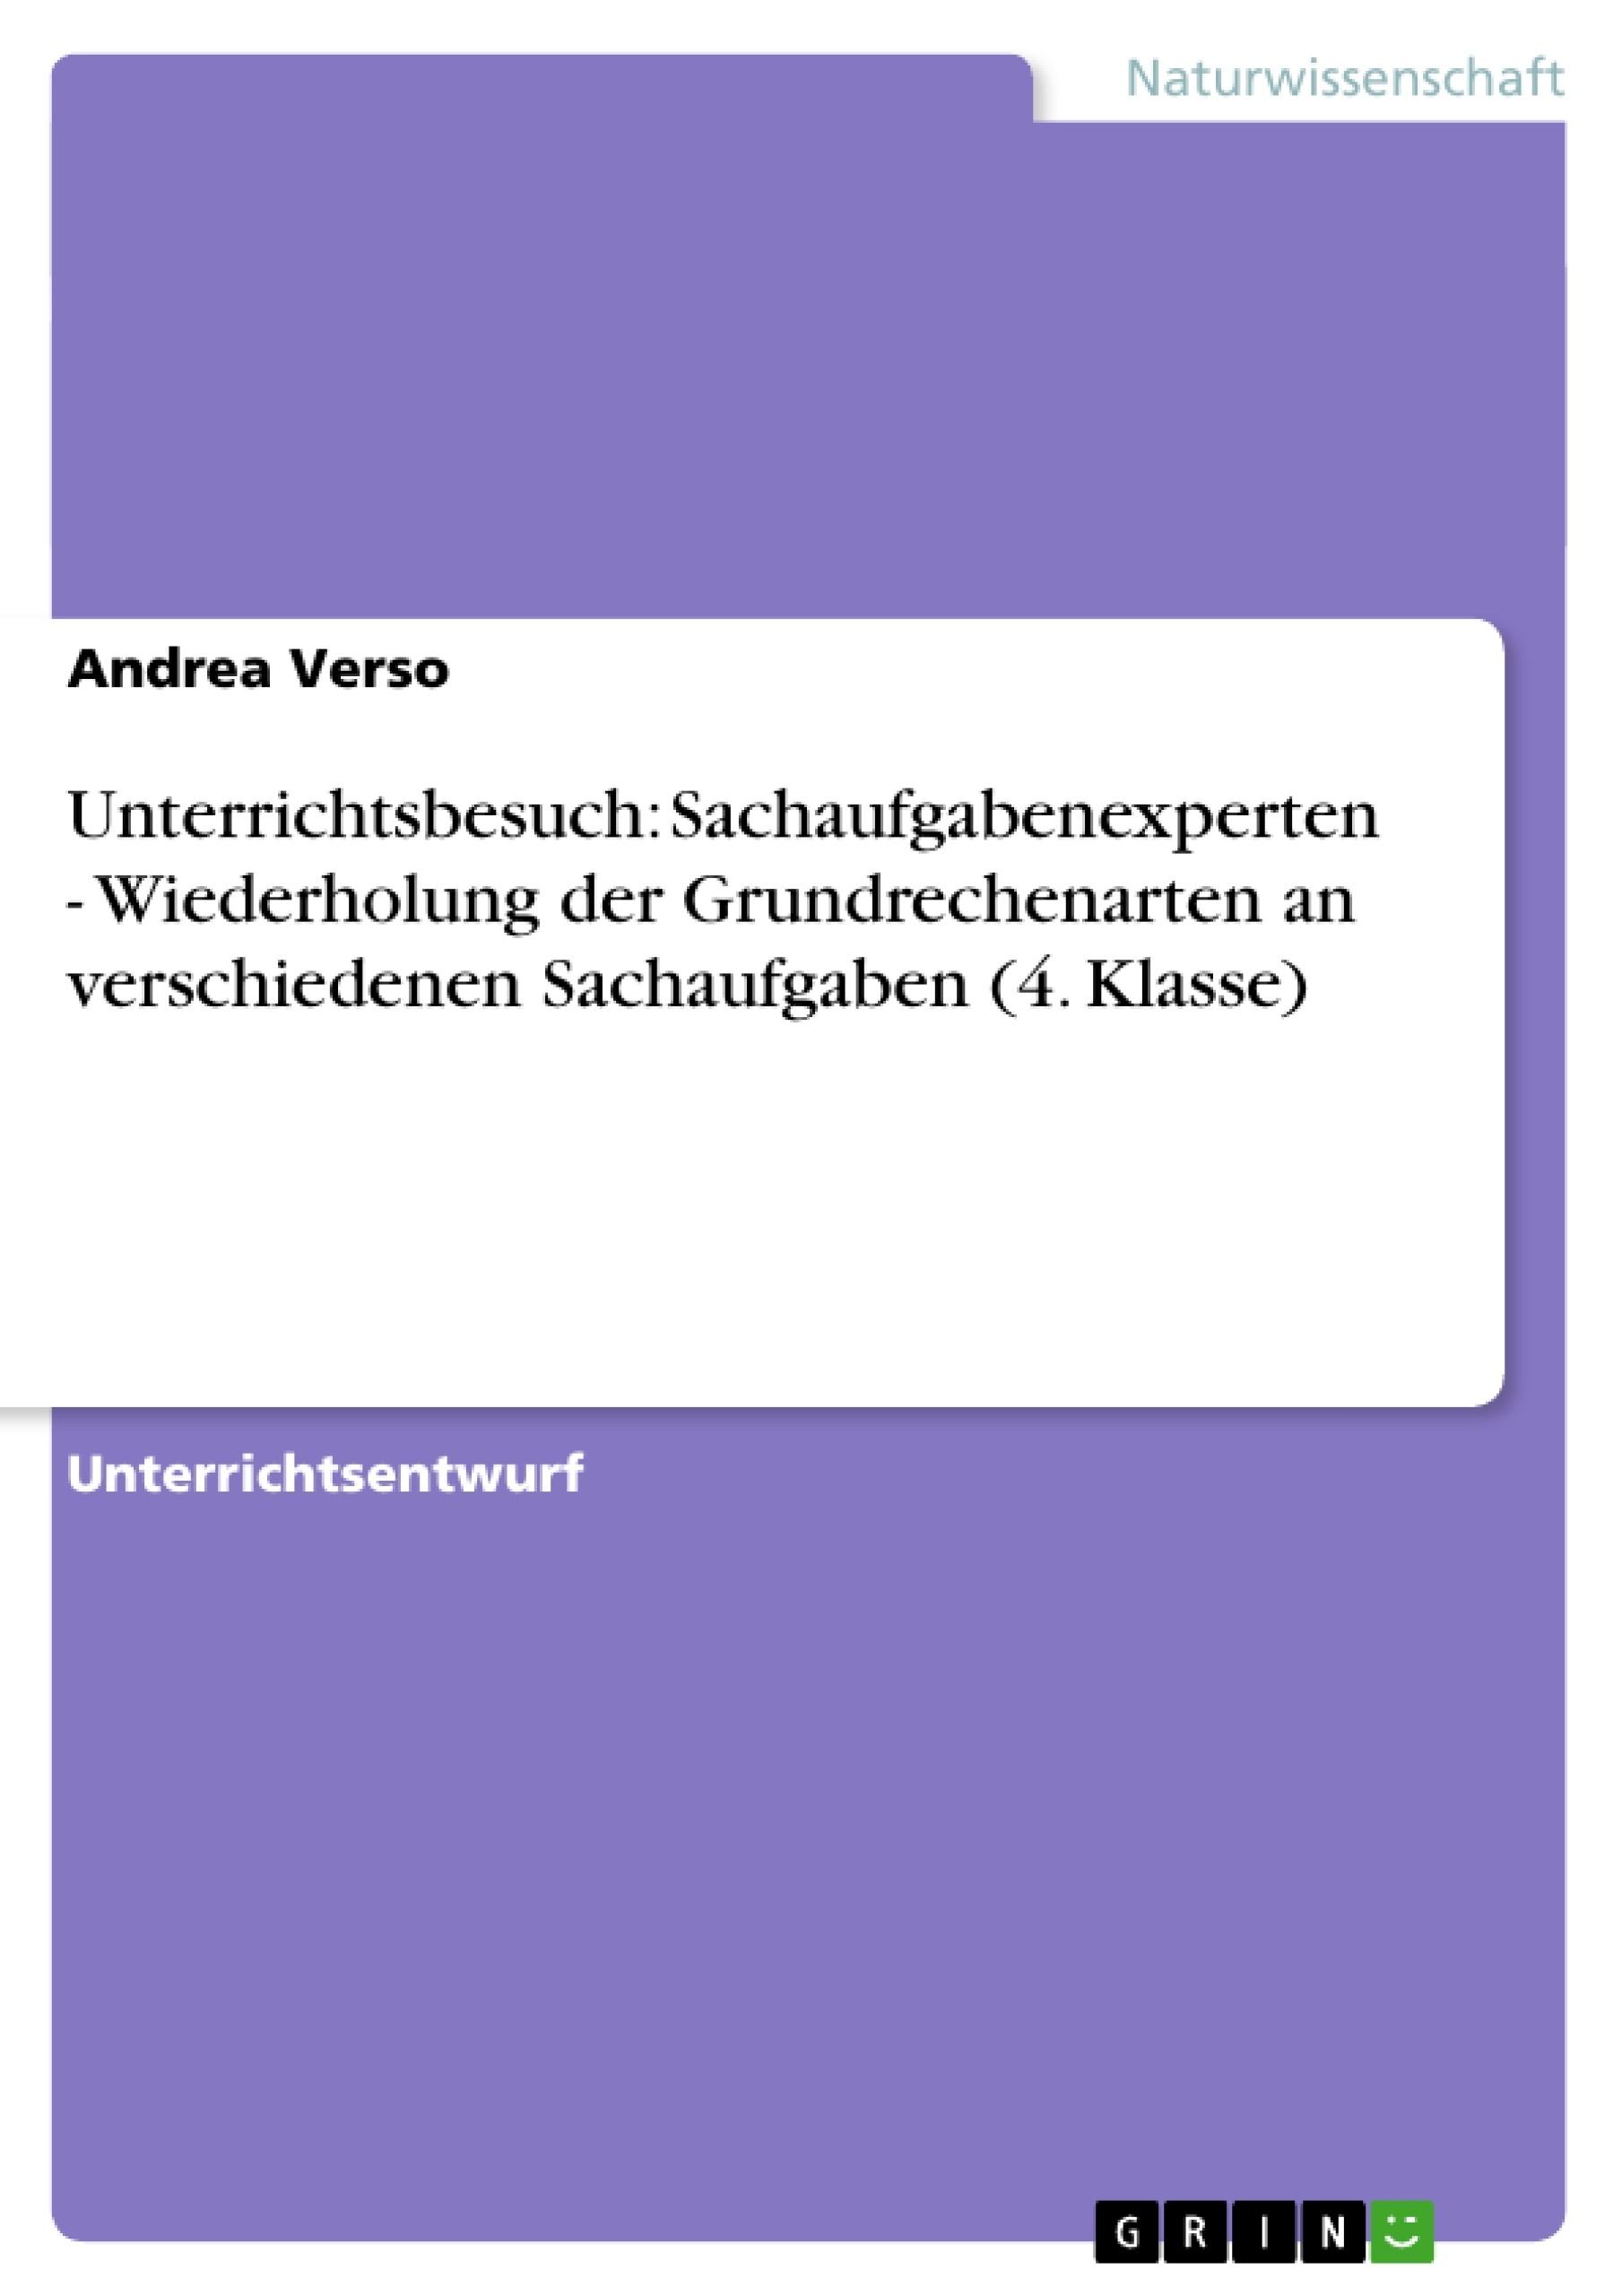 Titel: Unterrichtsbesuch: Sachaufgabenexperten - Wiederholung der Grundrechenarten an verschiedenen Sachaufgaben (4. Klasse)